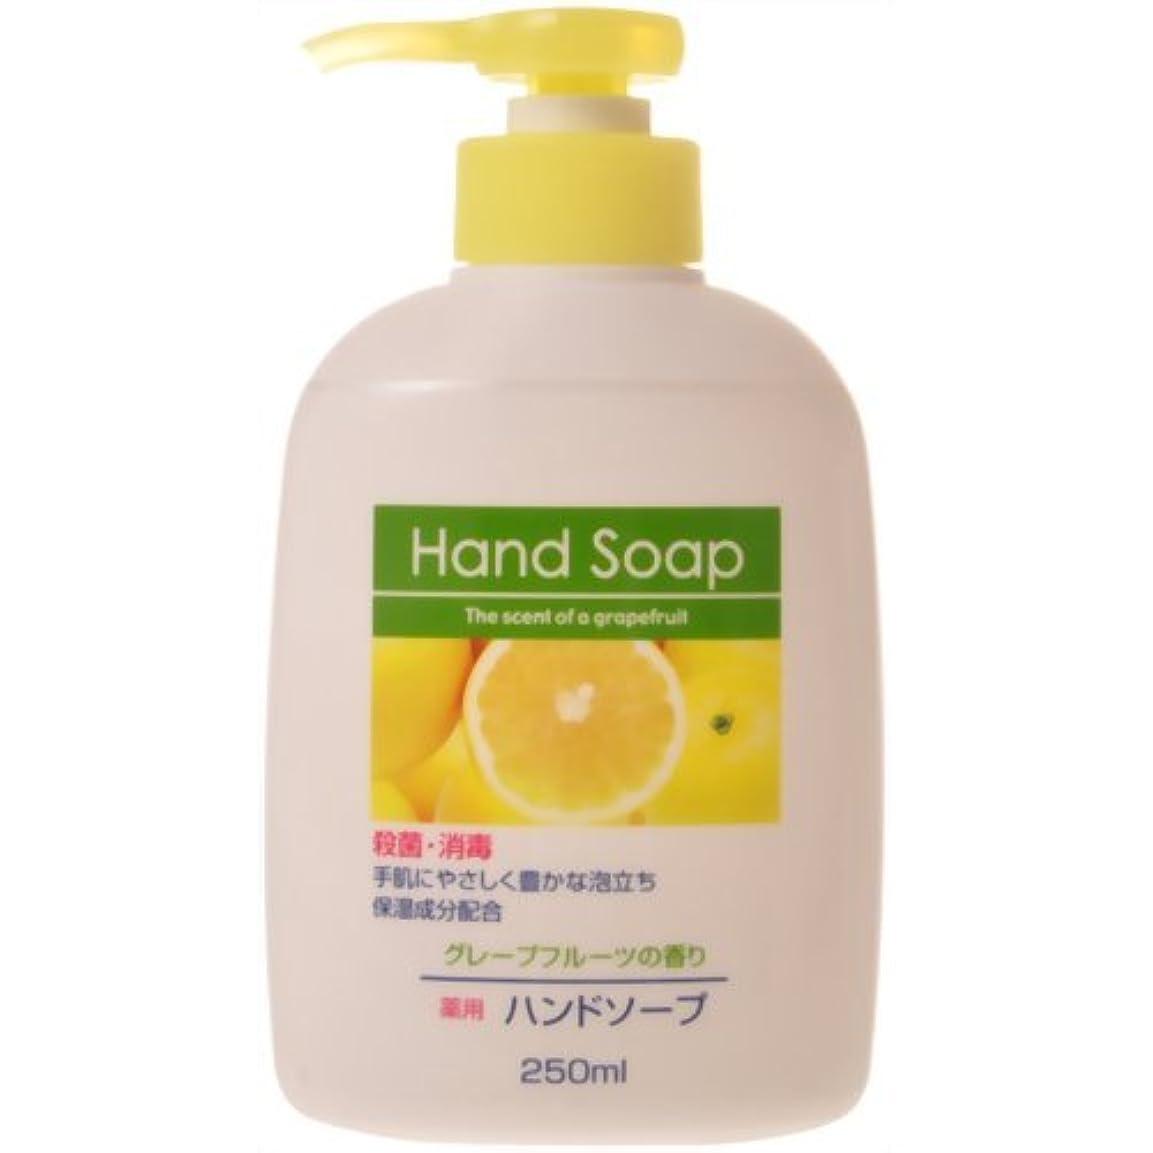 汚染された永続レガシー薬用ハンドソープ グレープフルーツの香り 本体 250ml